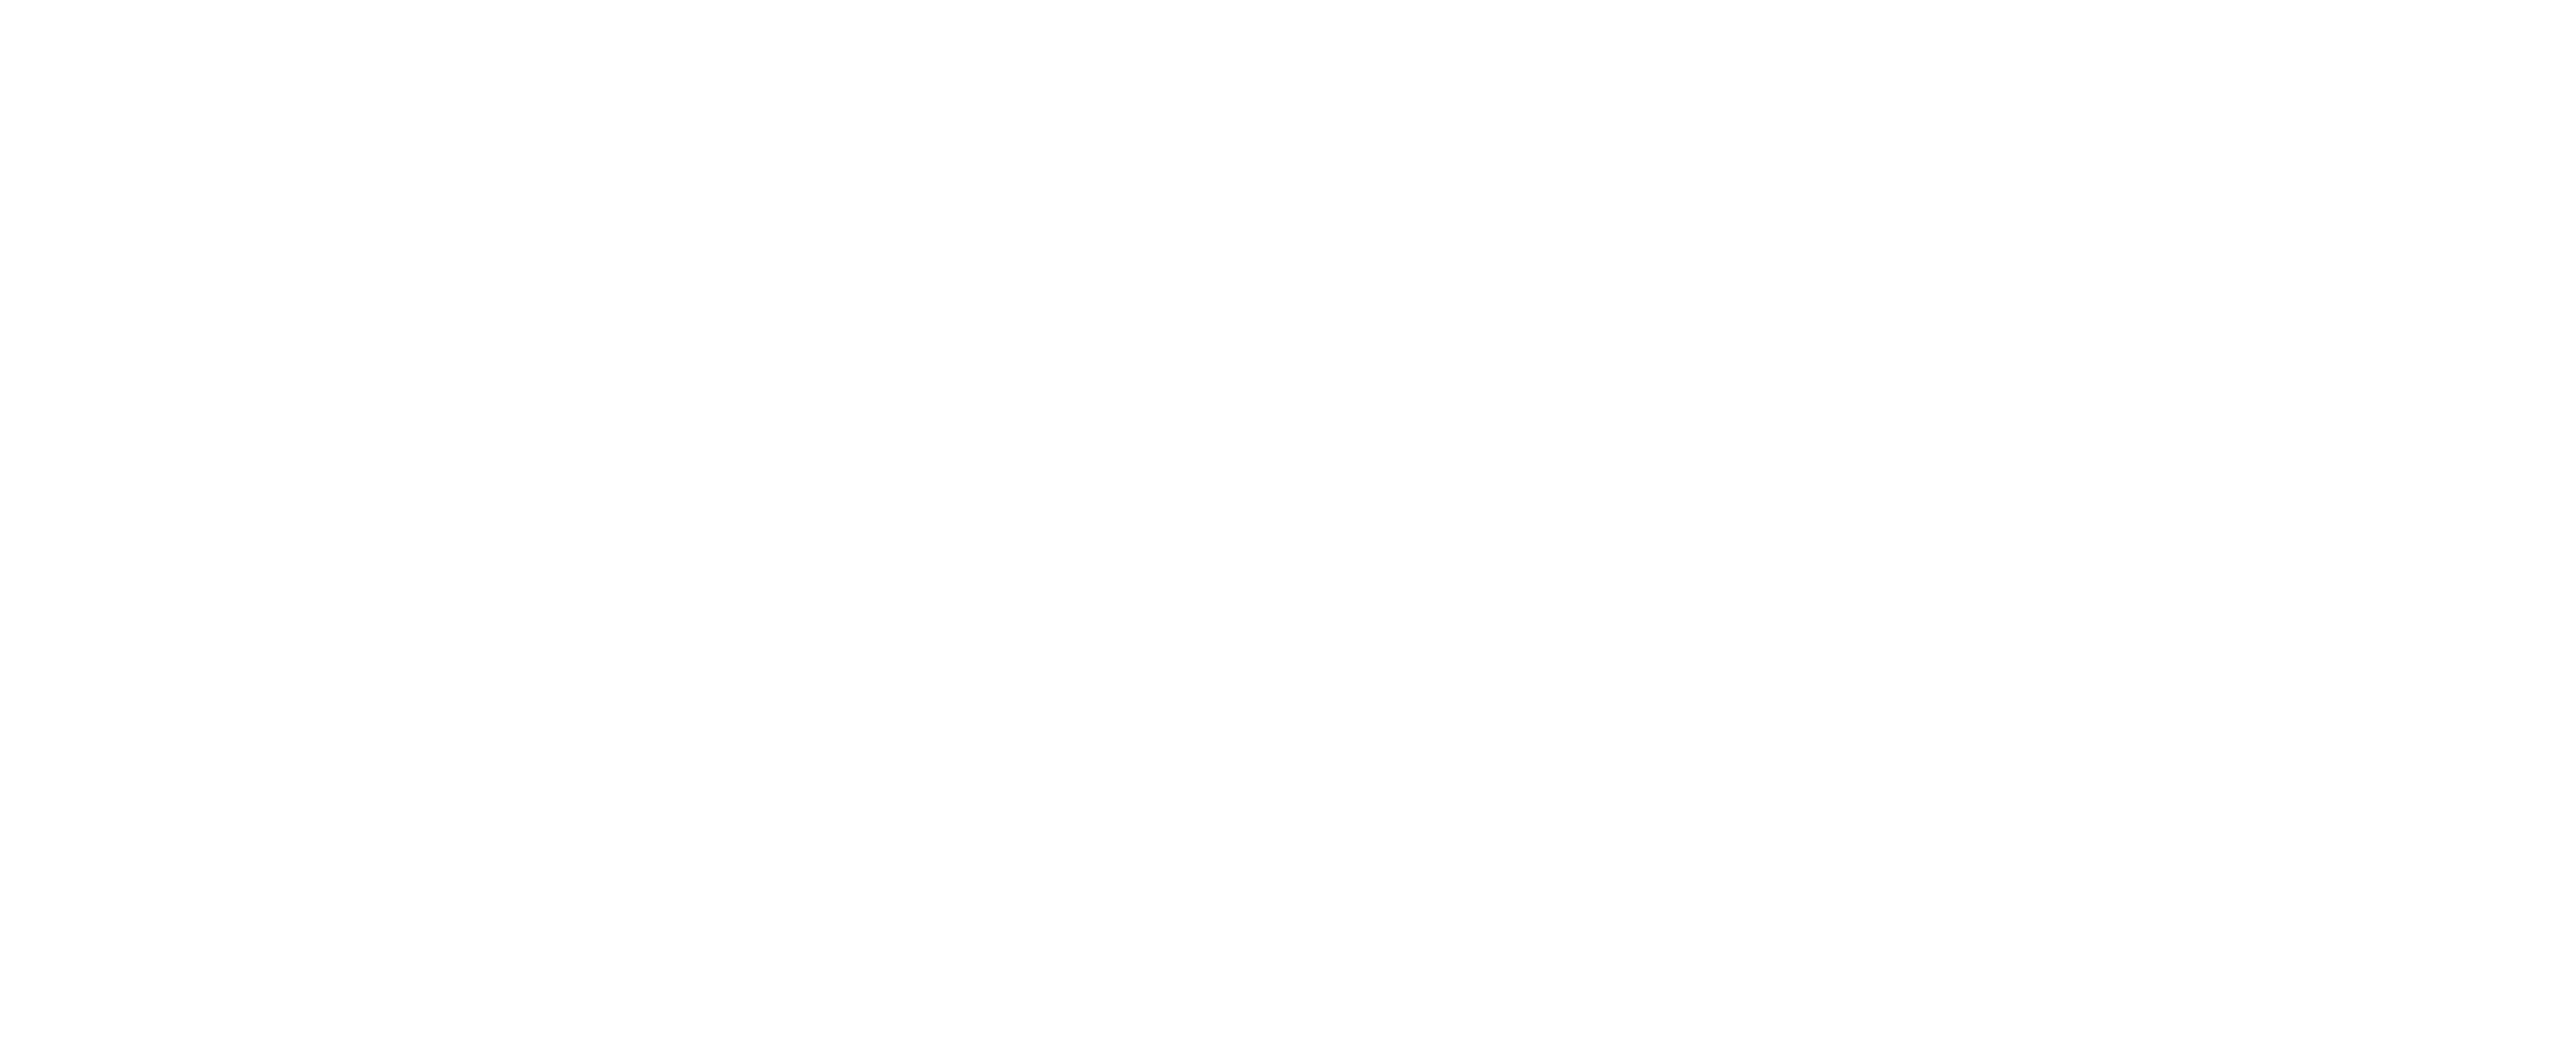 3edia